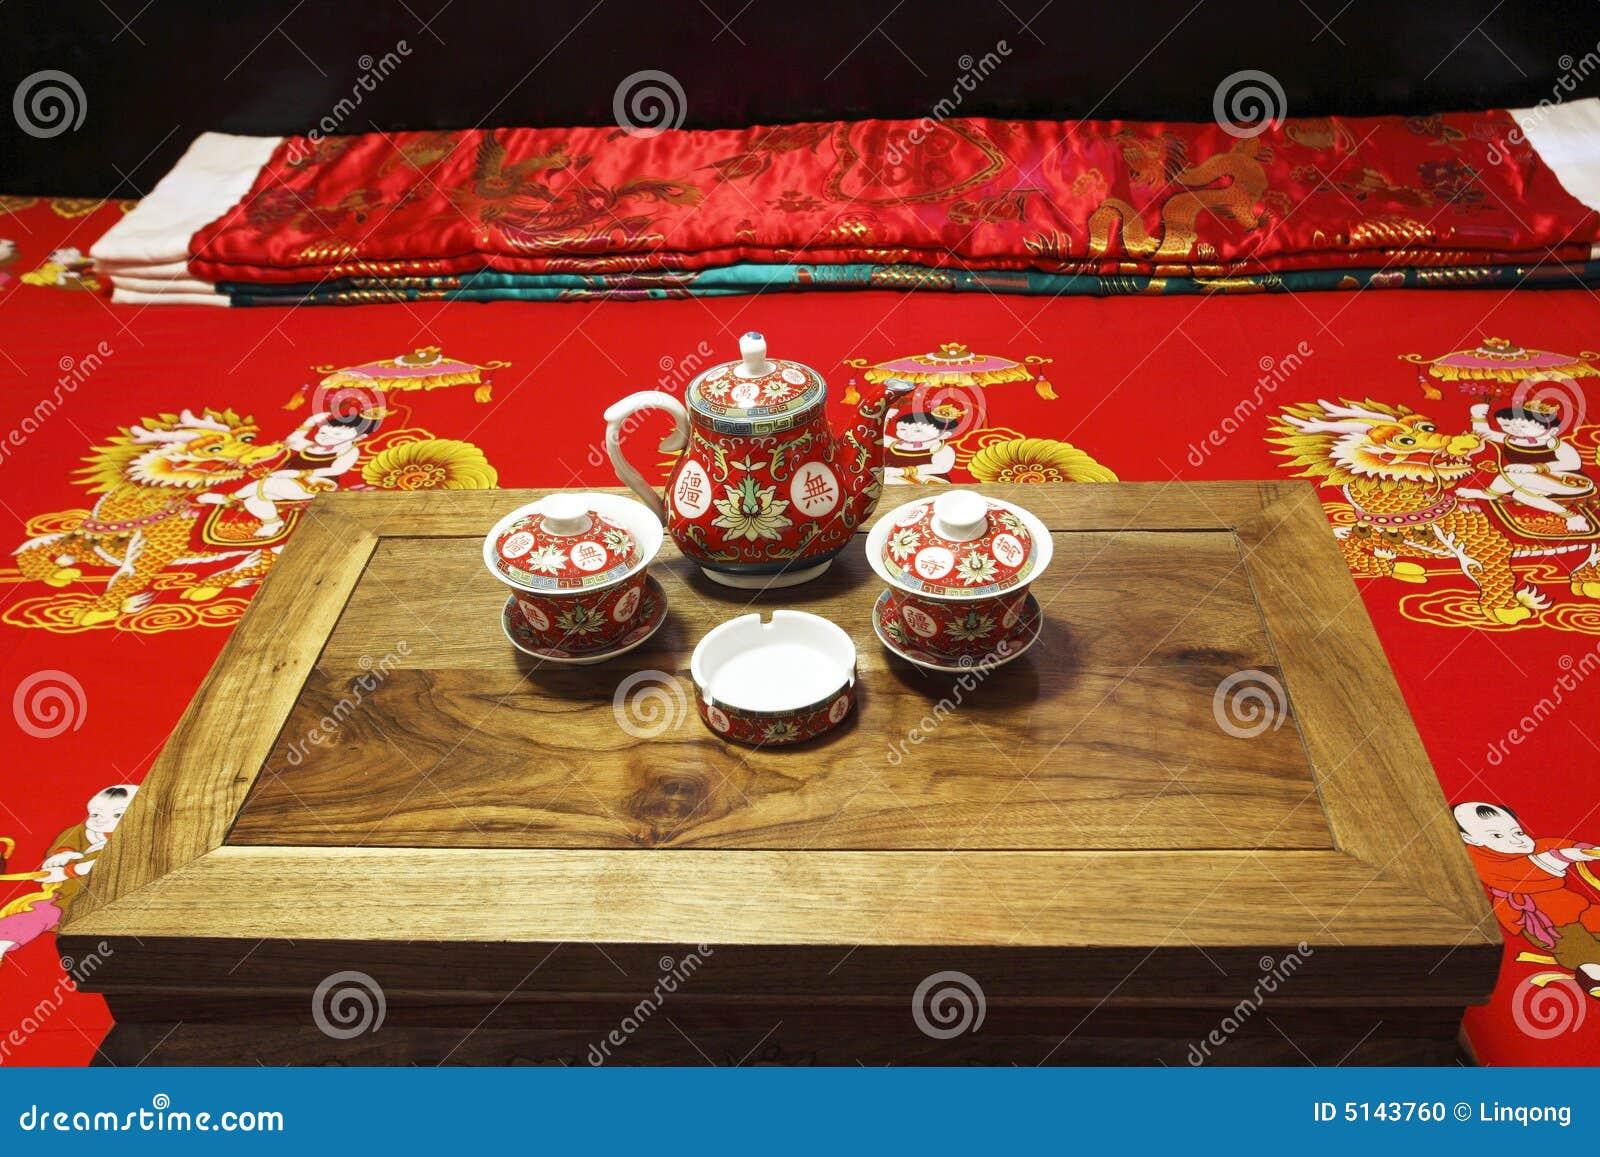 Kleur Slaapkamer Betekenis : Chinese Style Bedroom